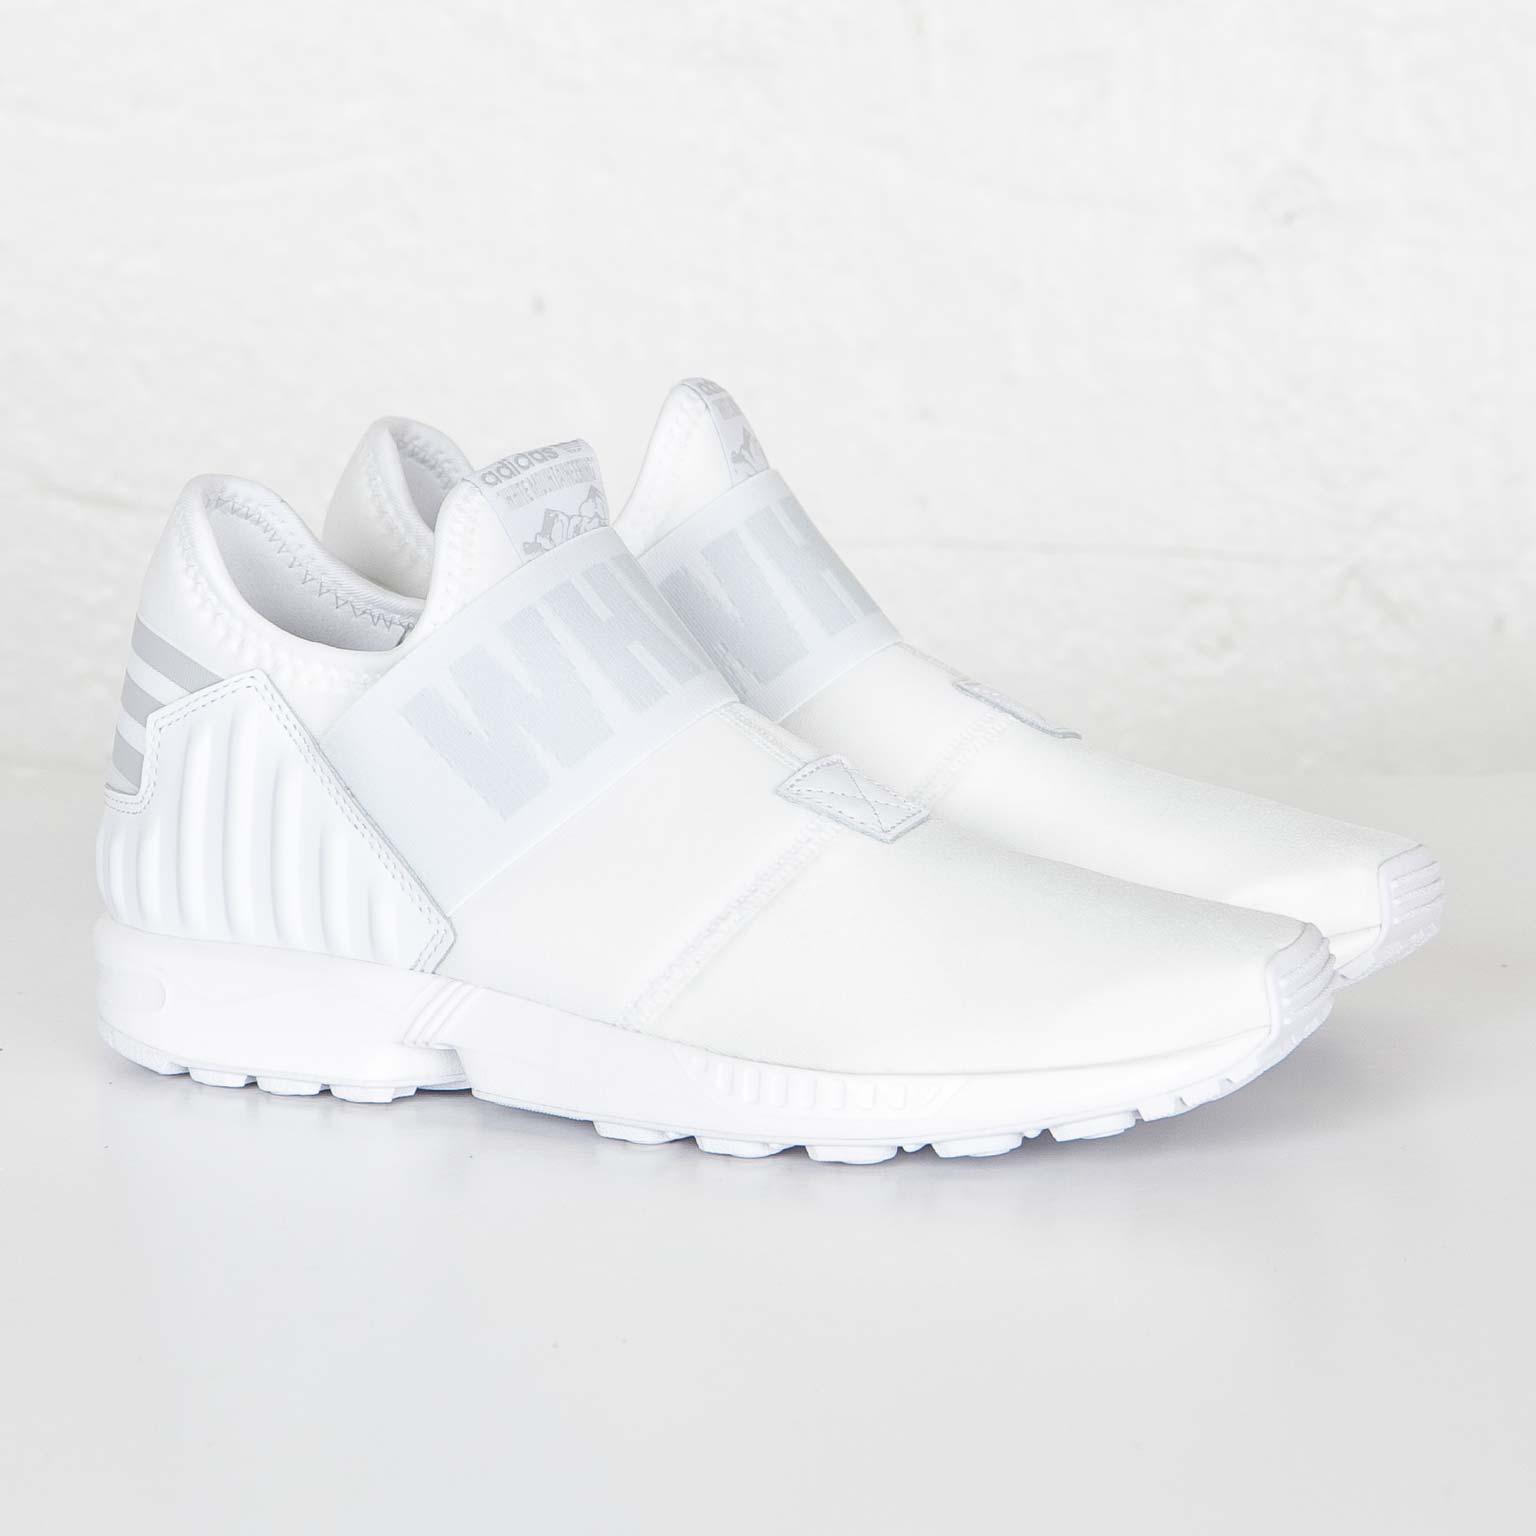 88242131f8b adidas ZX Flux Plus - Aq3271 - Sneakersnstuff